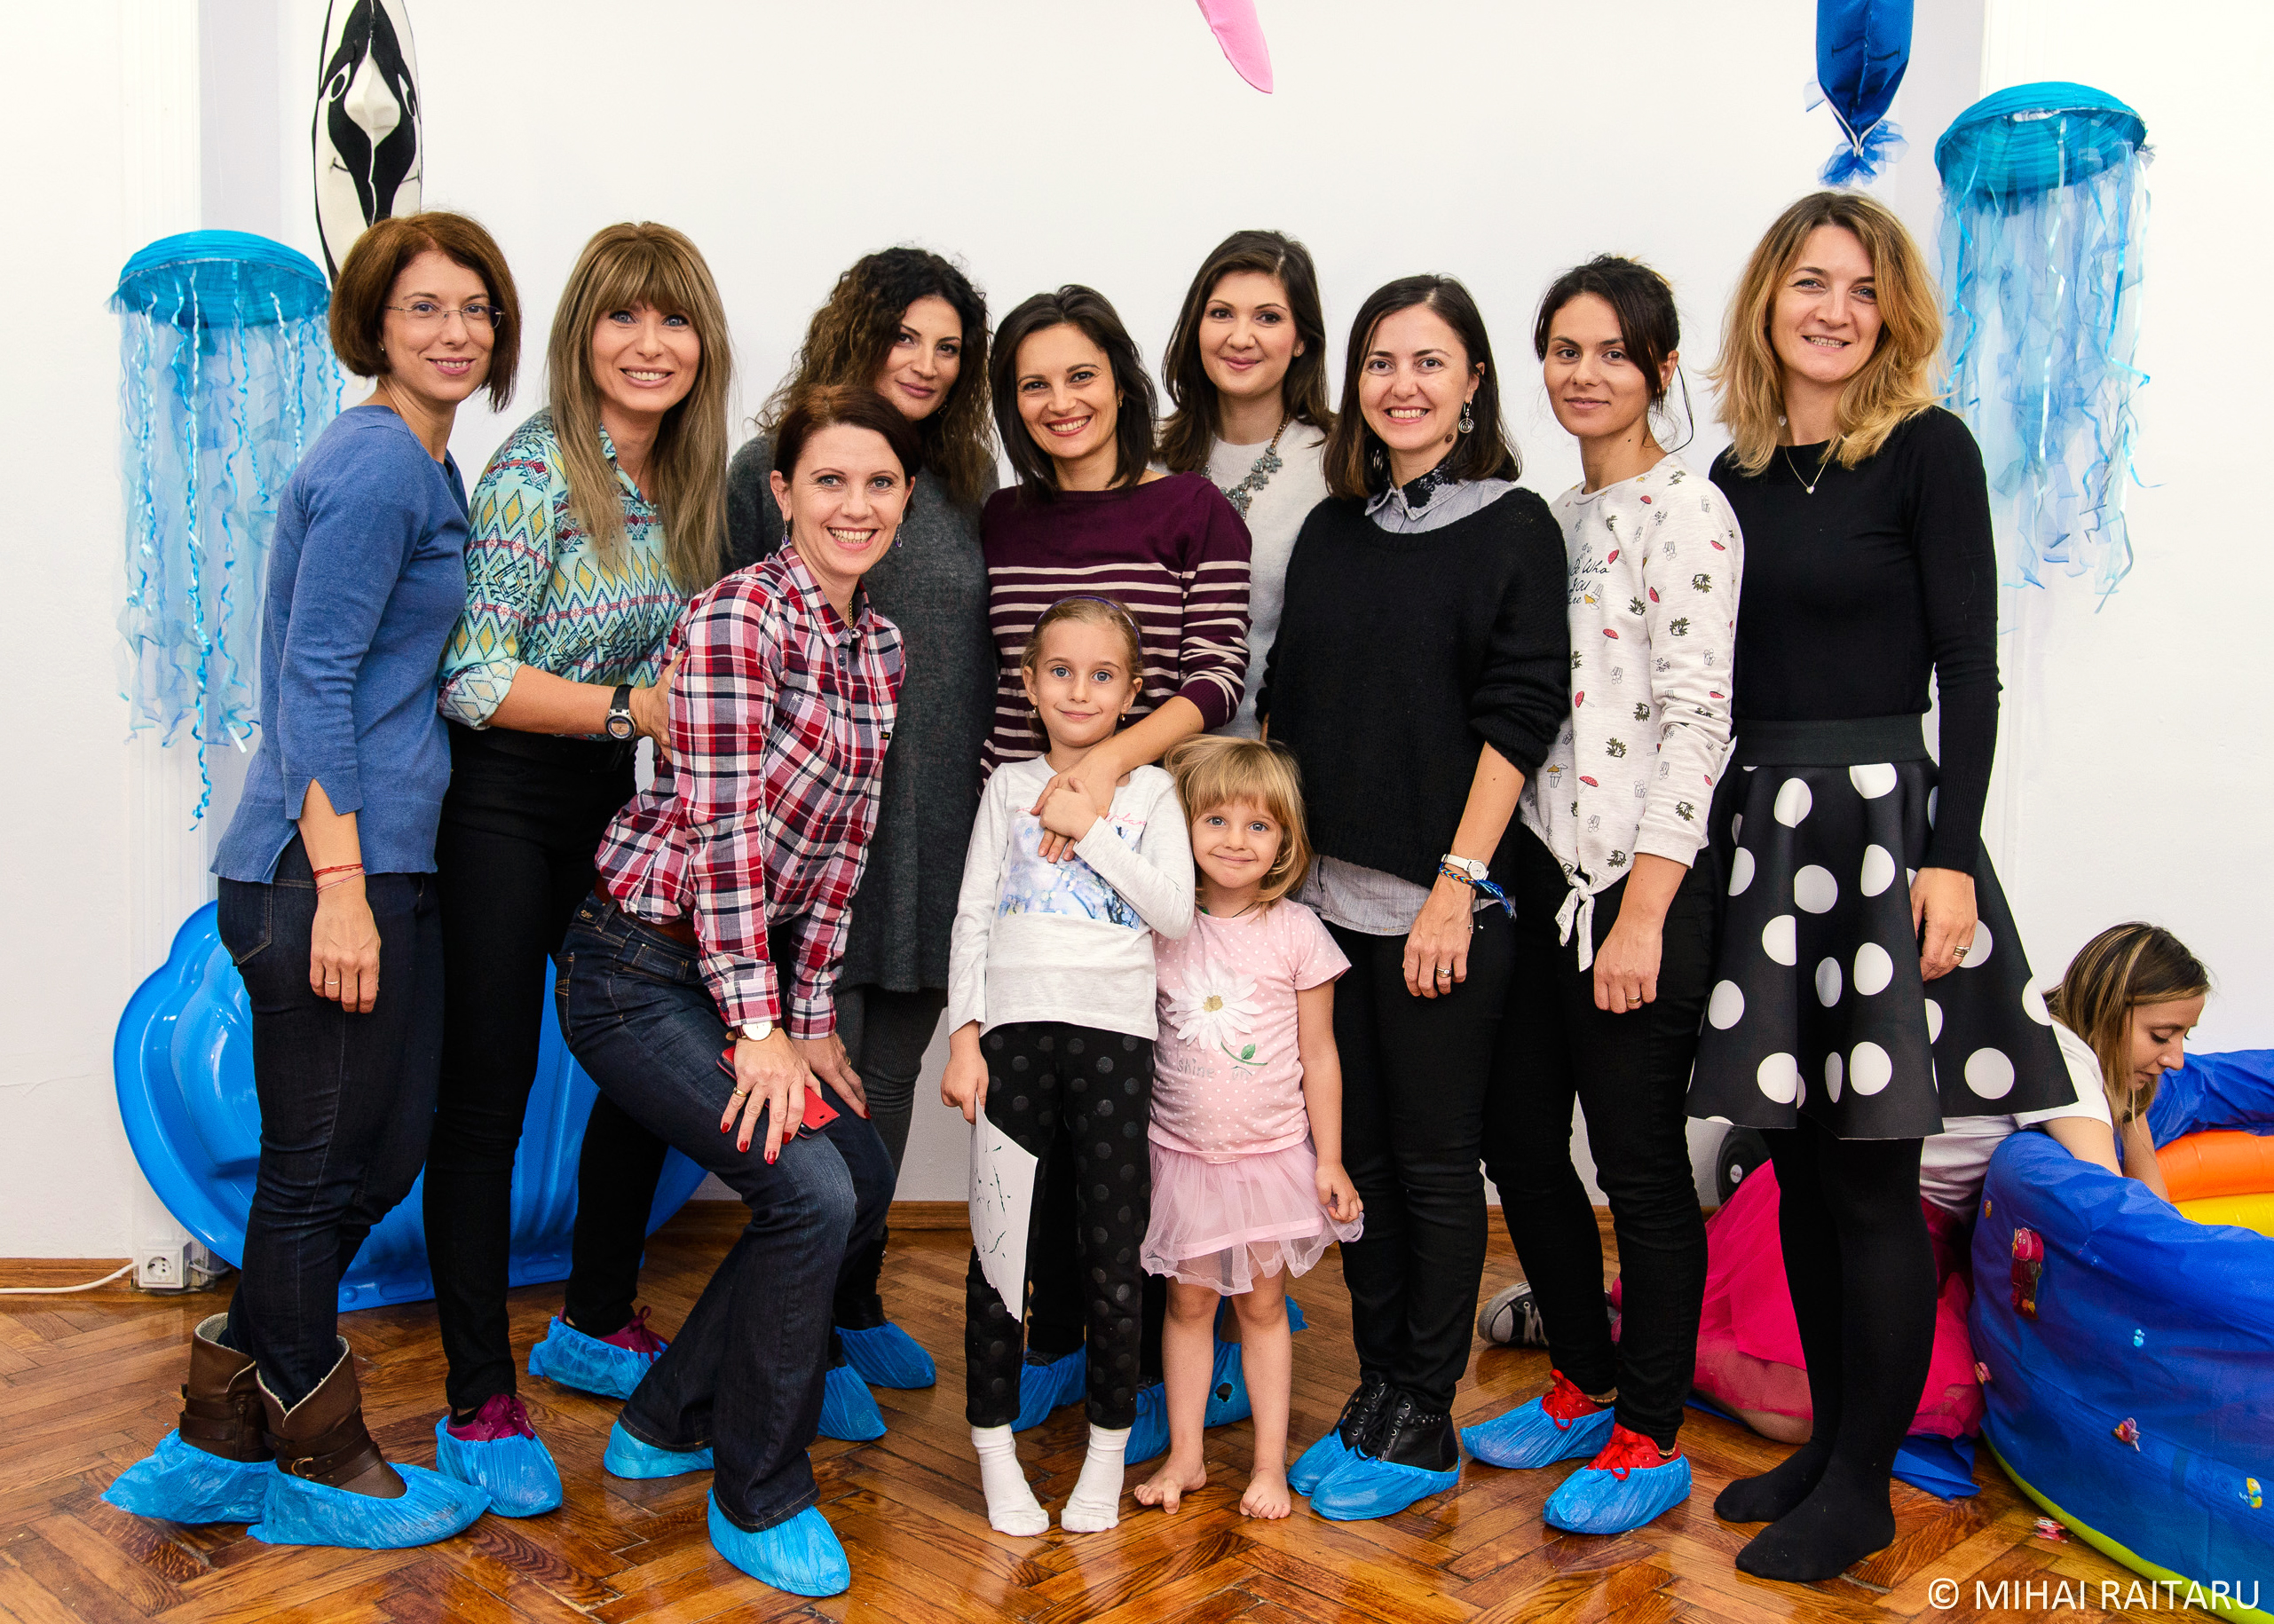 bloggeri parenting atelier teatru senzorial miniartshow